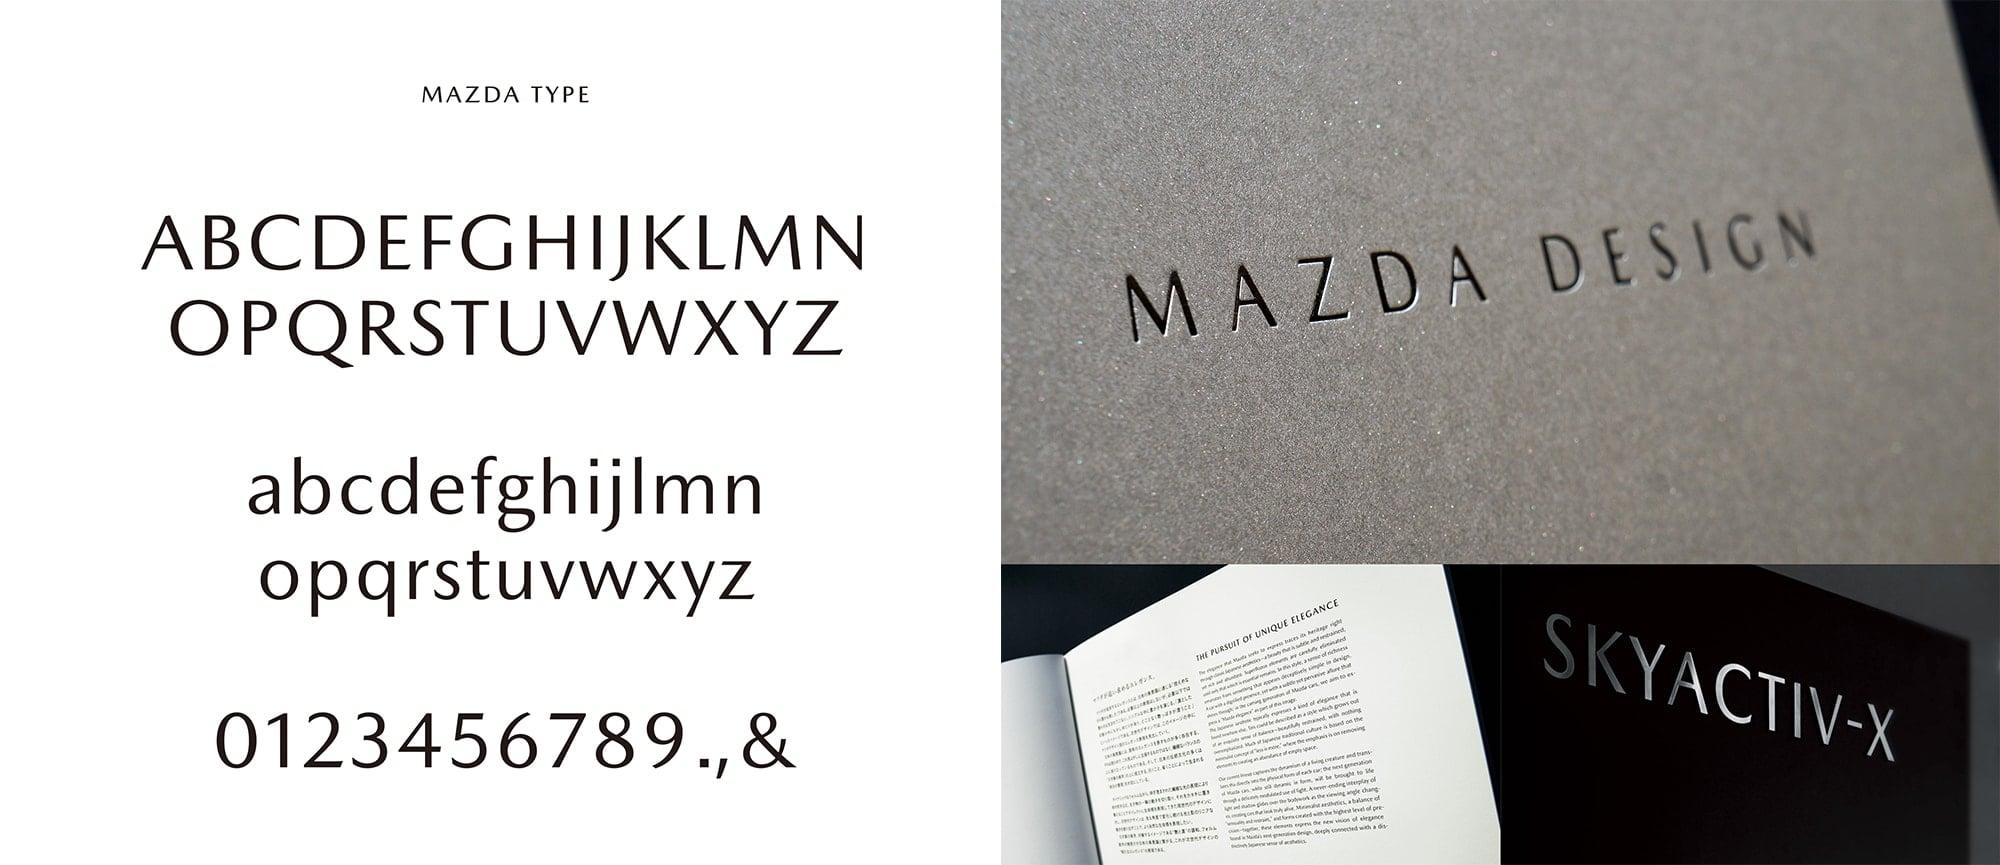 マツダが独自に開発したオリジナルフォント「マツダ・タイプ」。安定感を出すため、文字の上部を縮めて下部を膨らませるなど細かい調整がなされている。文字ひとつにも魂動デザインの美意識が貫かれる。Photography by ©MAZDA